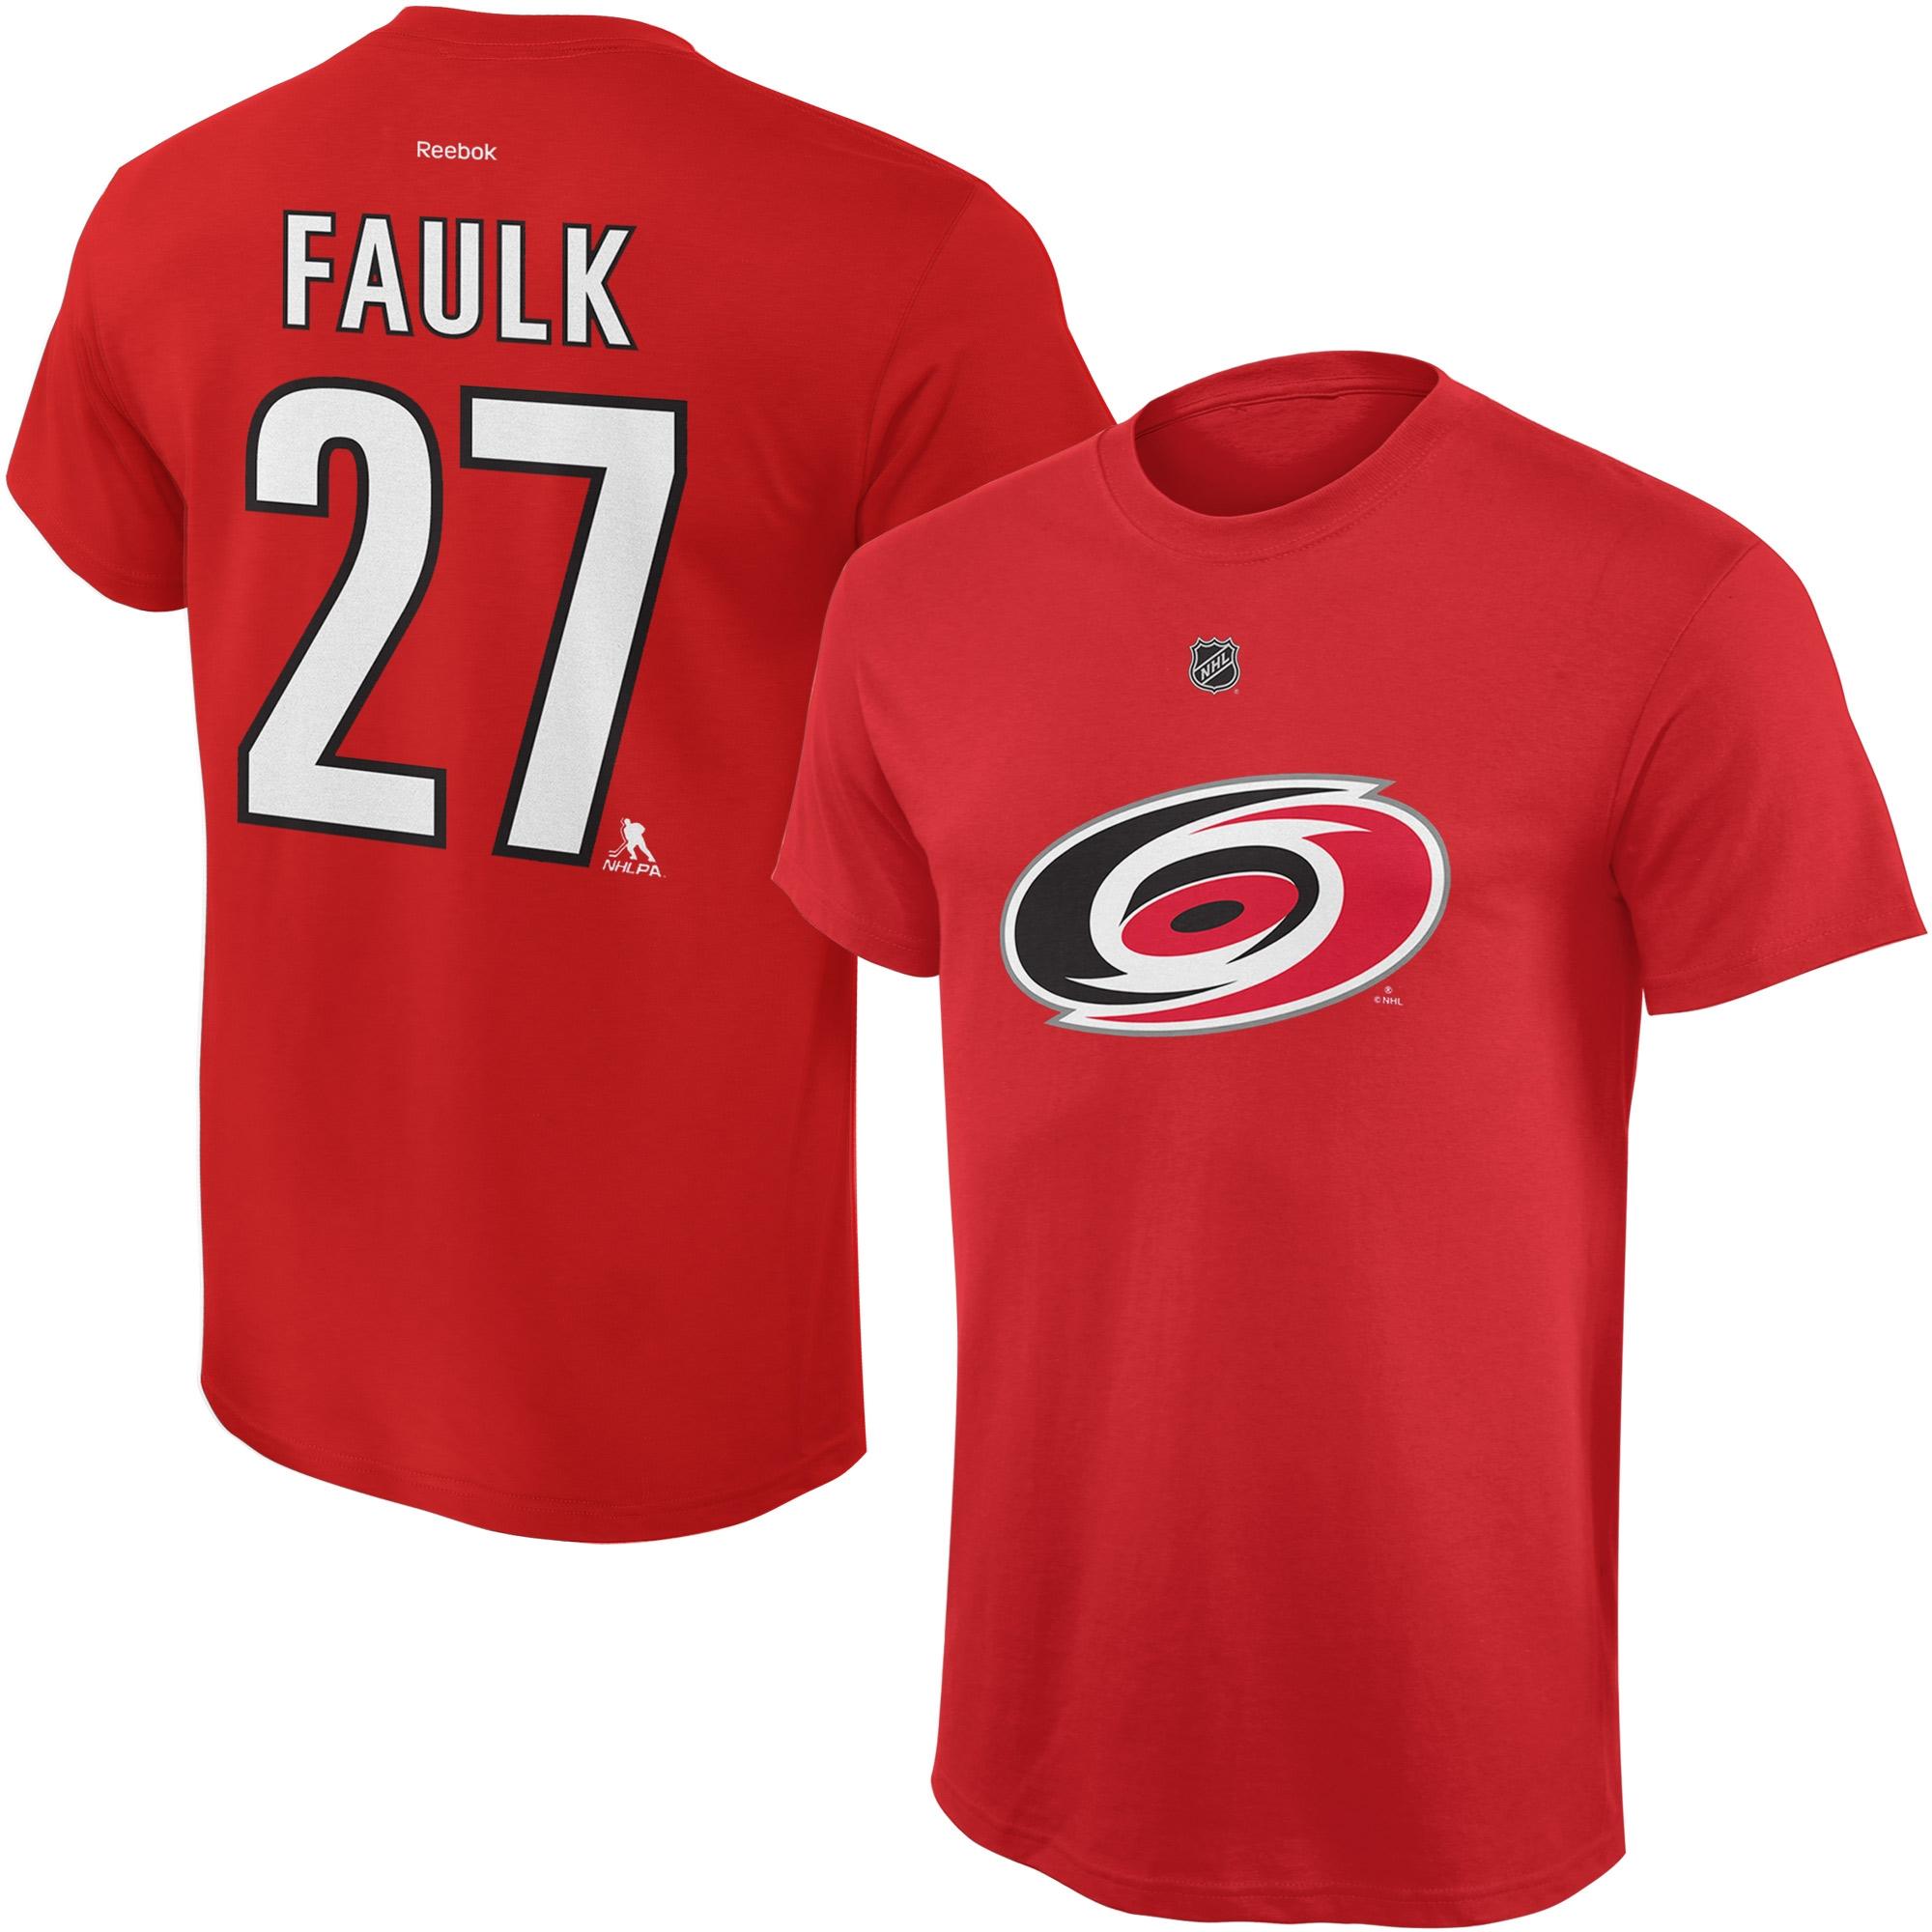 Reebok Dětské tričko Justin Faulk Carolina Hurricanes NHL Name & Number Velikost: Dětské M (9 - 11 let)